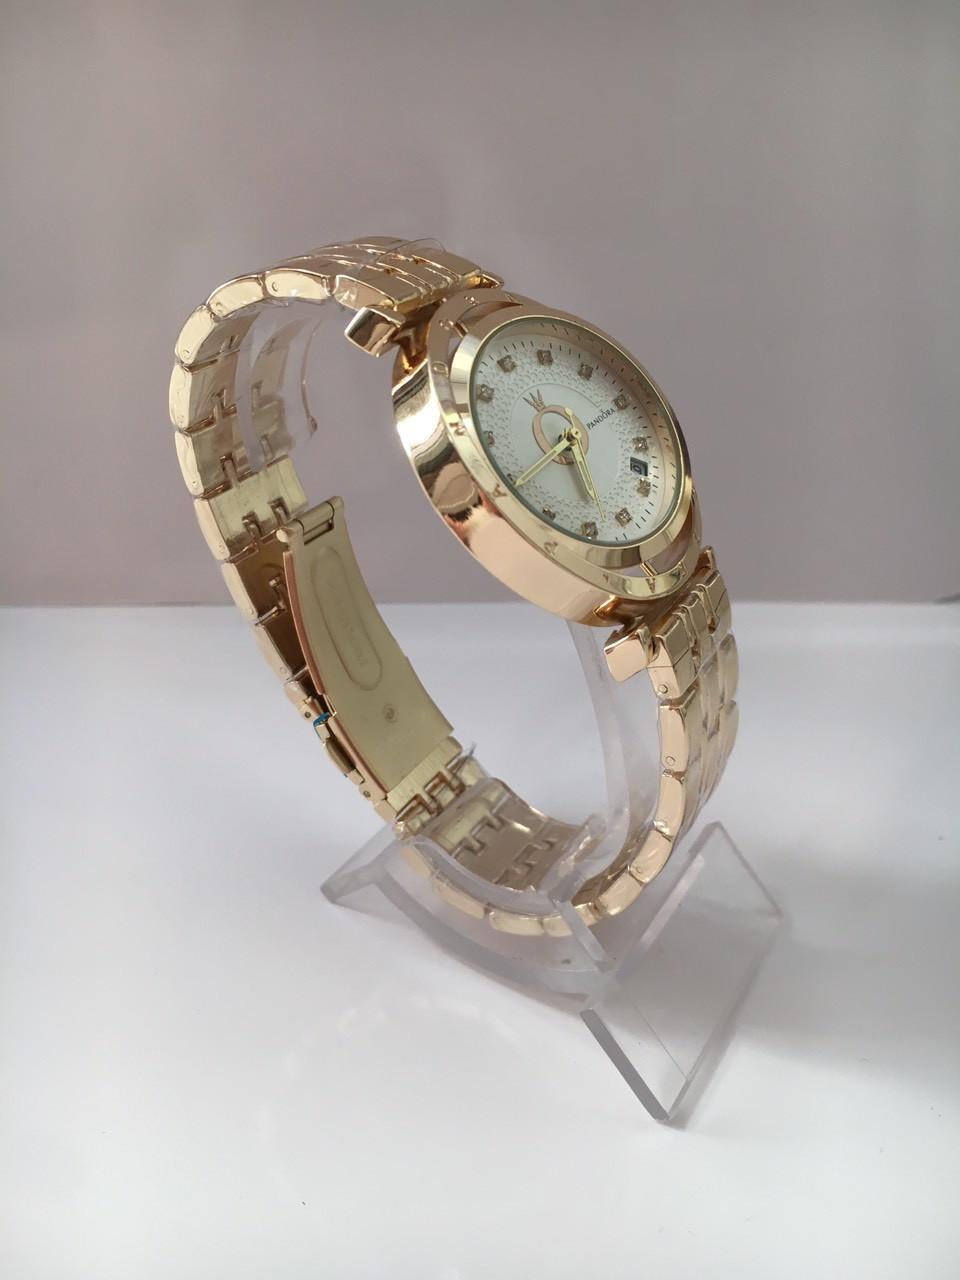 2025807b6633 Женские наручные часы Pandora (Пандора), золотистый корпус с белым  циферблатом, ...